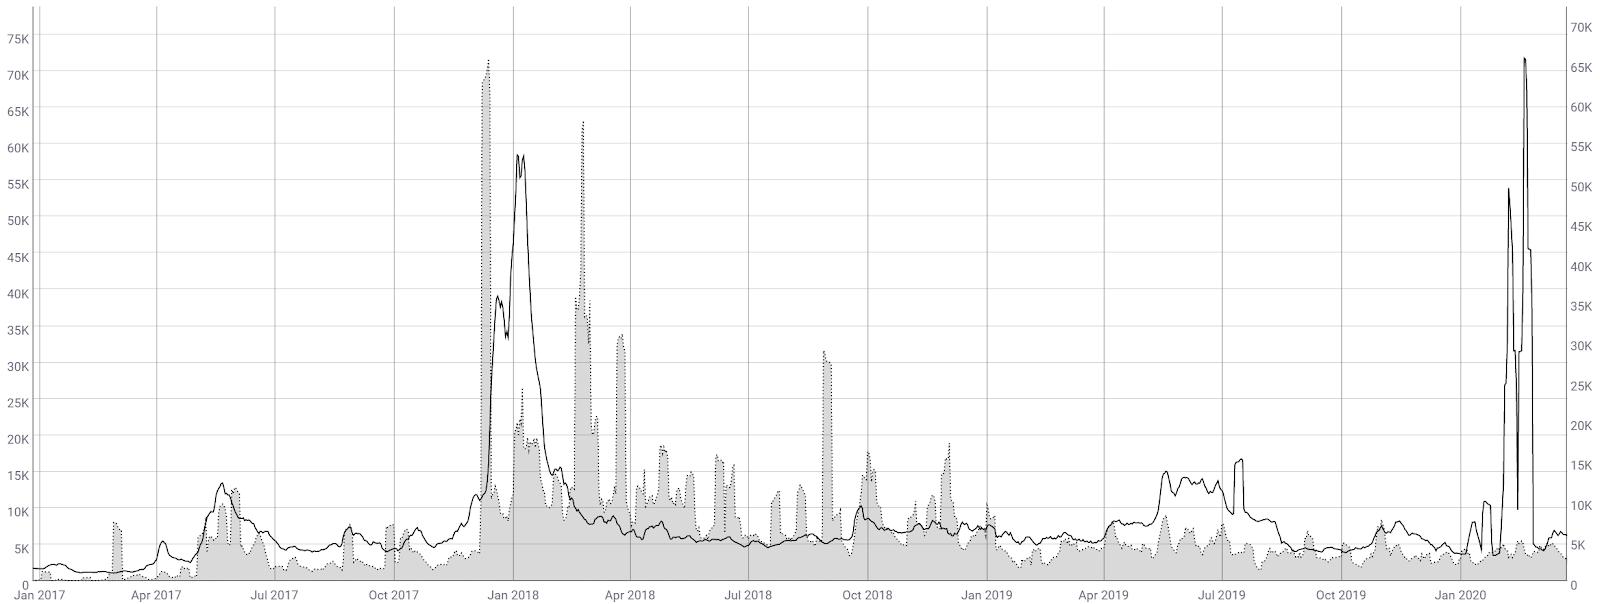 Ripple Price Analysis 25 Mar 2020 (6)